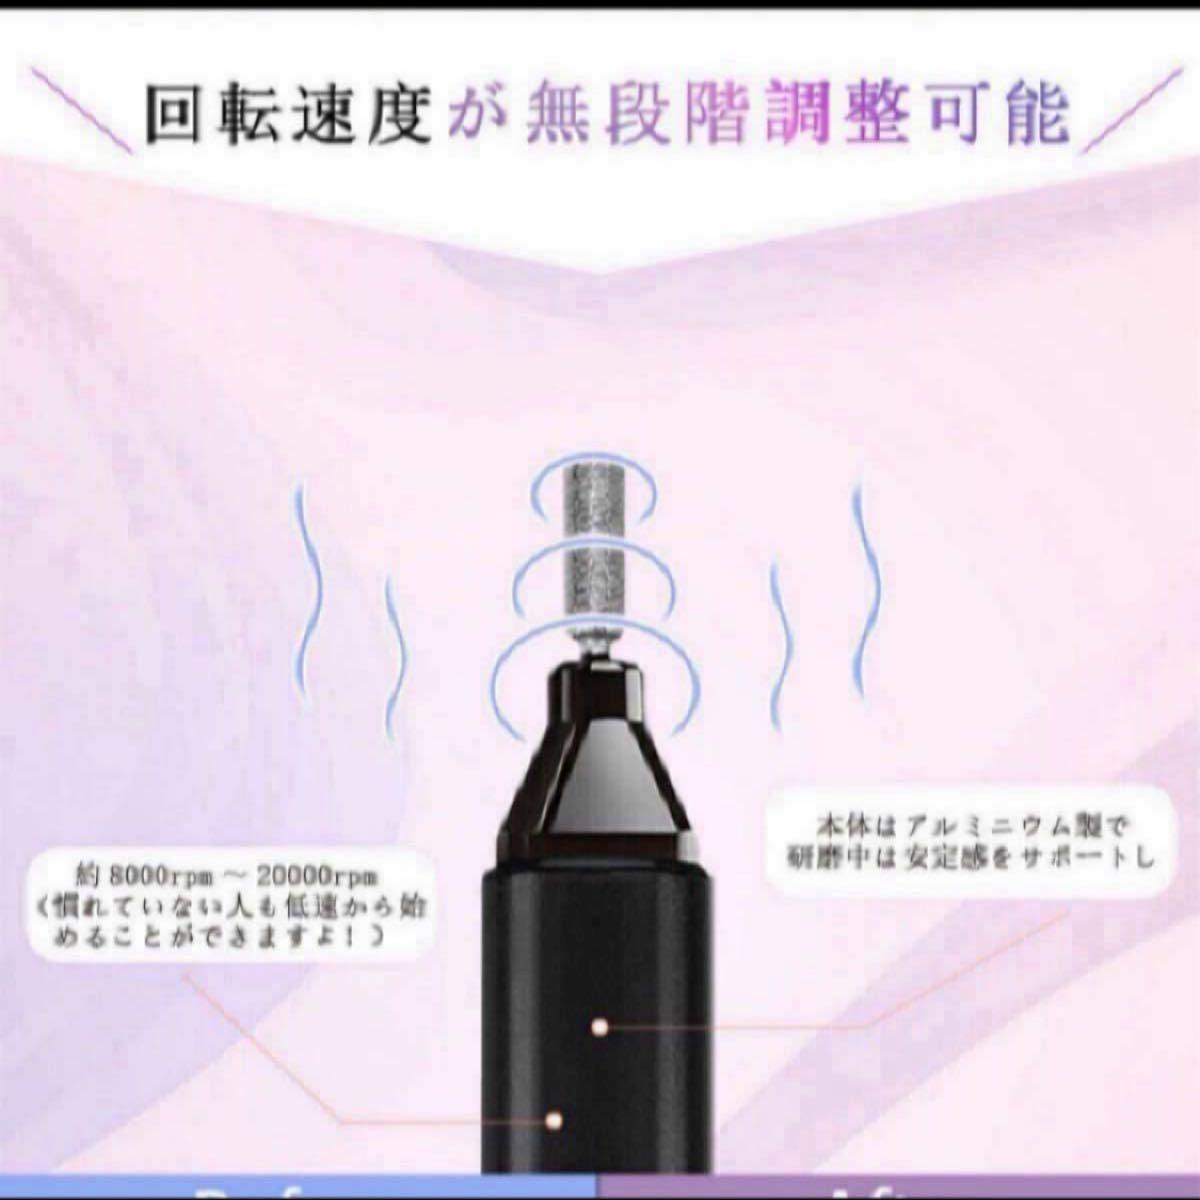 【訳あり特価】ネイルマシン 電動ネイルケア  小型 ネイルドリル ネイルポリッシャー ブラック